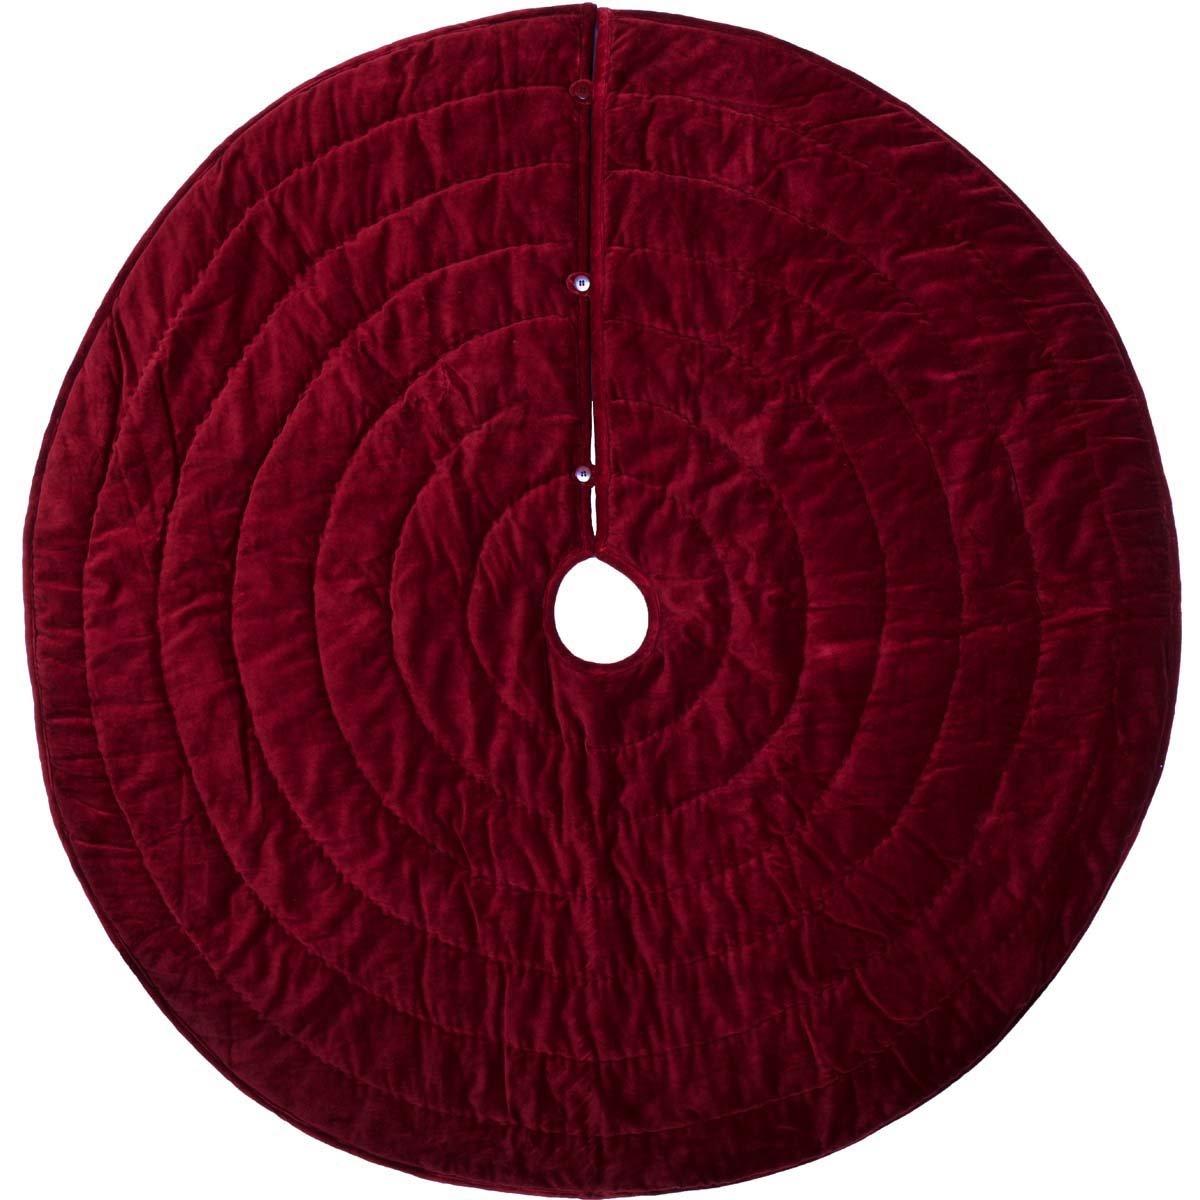 VHC Brands Christmas Decor-Velvet Holiday Tree Skirt, Red